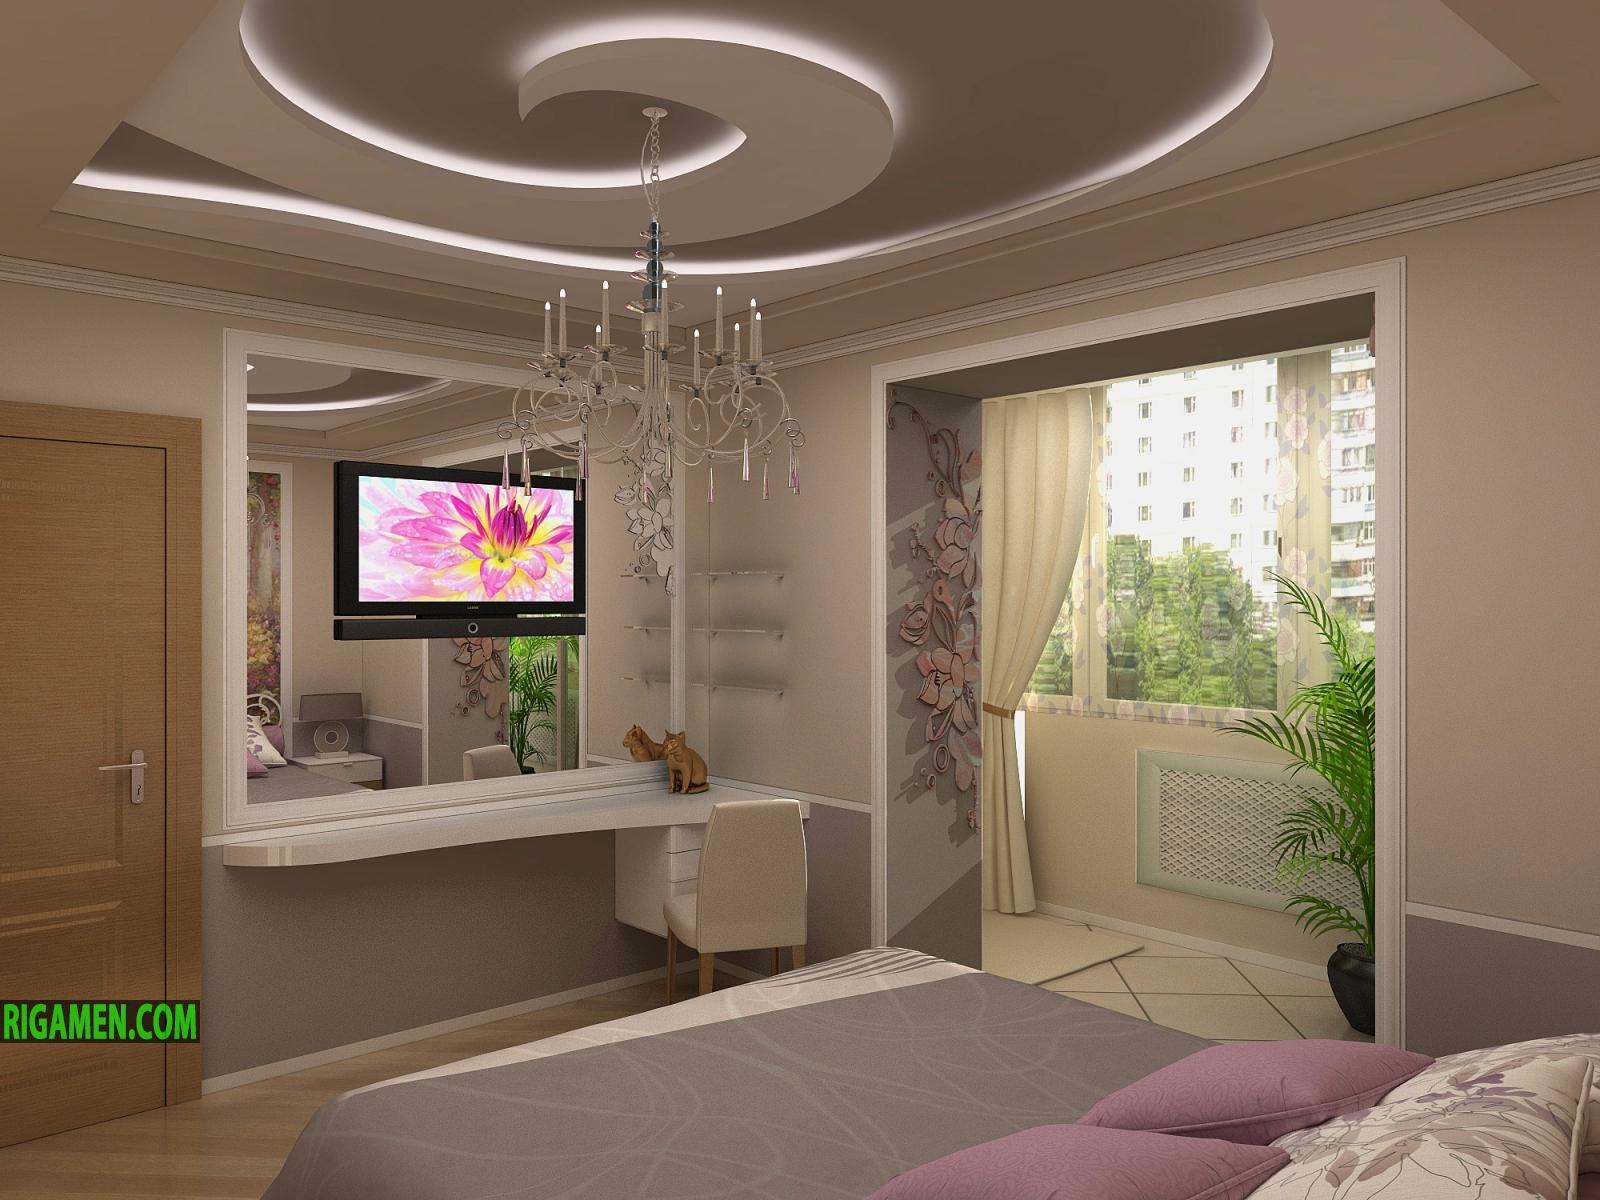 Дизайн спальной комнаты 17 кв.м в панельном доме